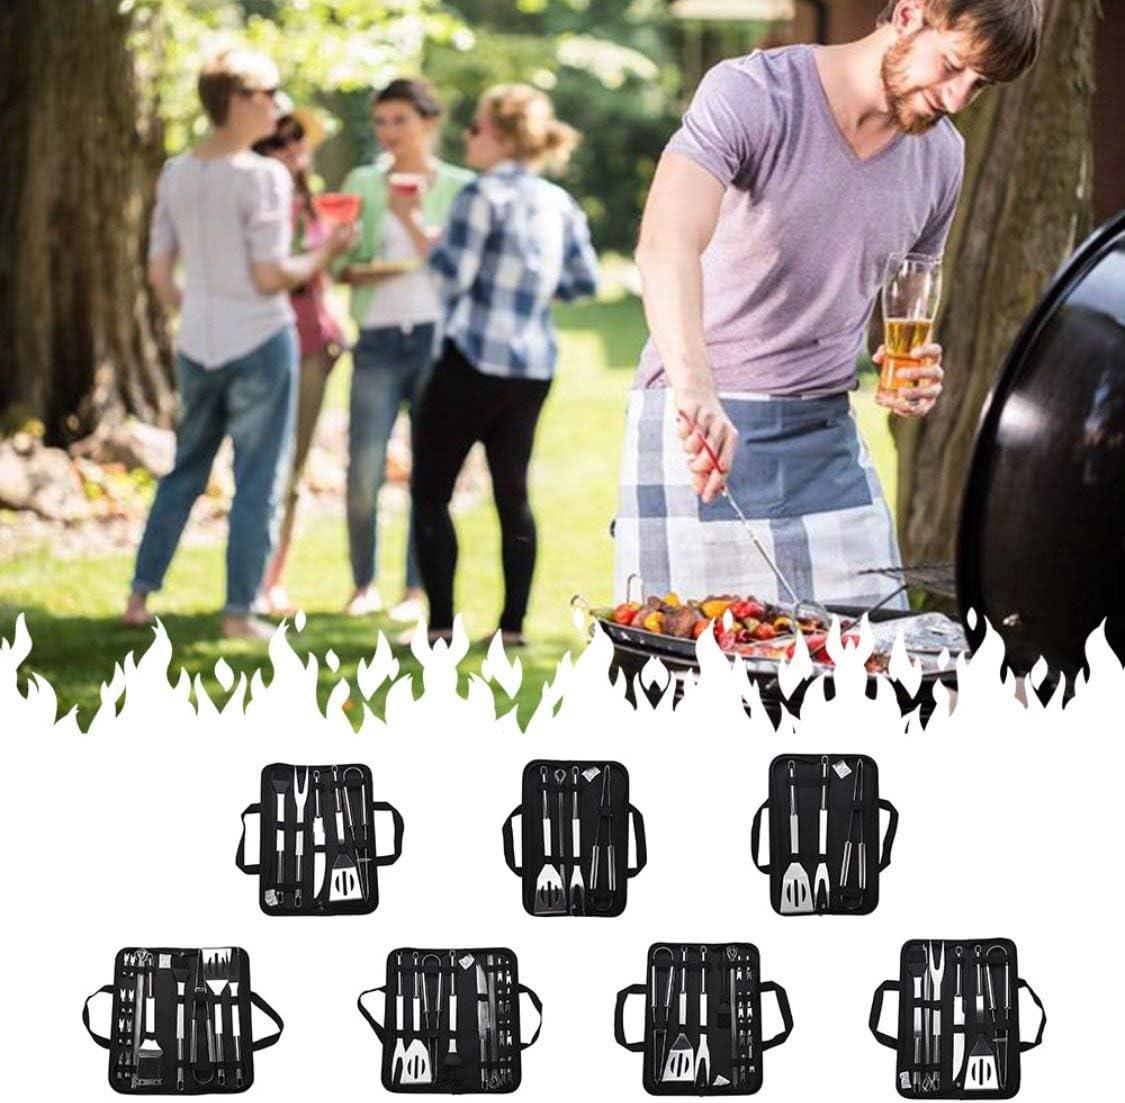 Dynamovolition 1 Set Barbecue Outils Set Pelle en Acier Inoxydable Fourchette Brosse Barbecue Cuisson Pique-Nique Grillades Ustensiles Accessoires pour Barbecue argent (16pcs)